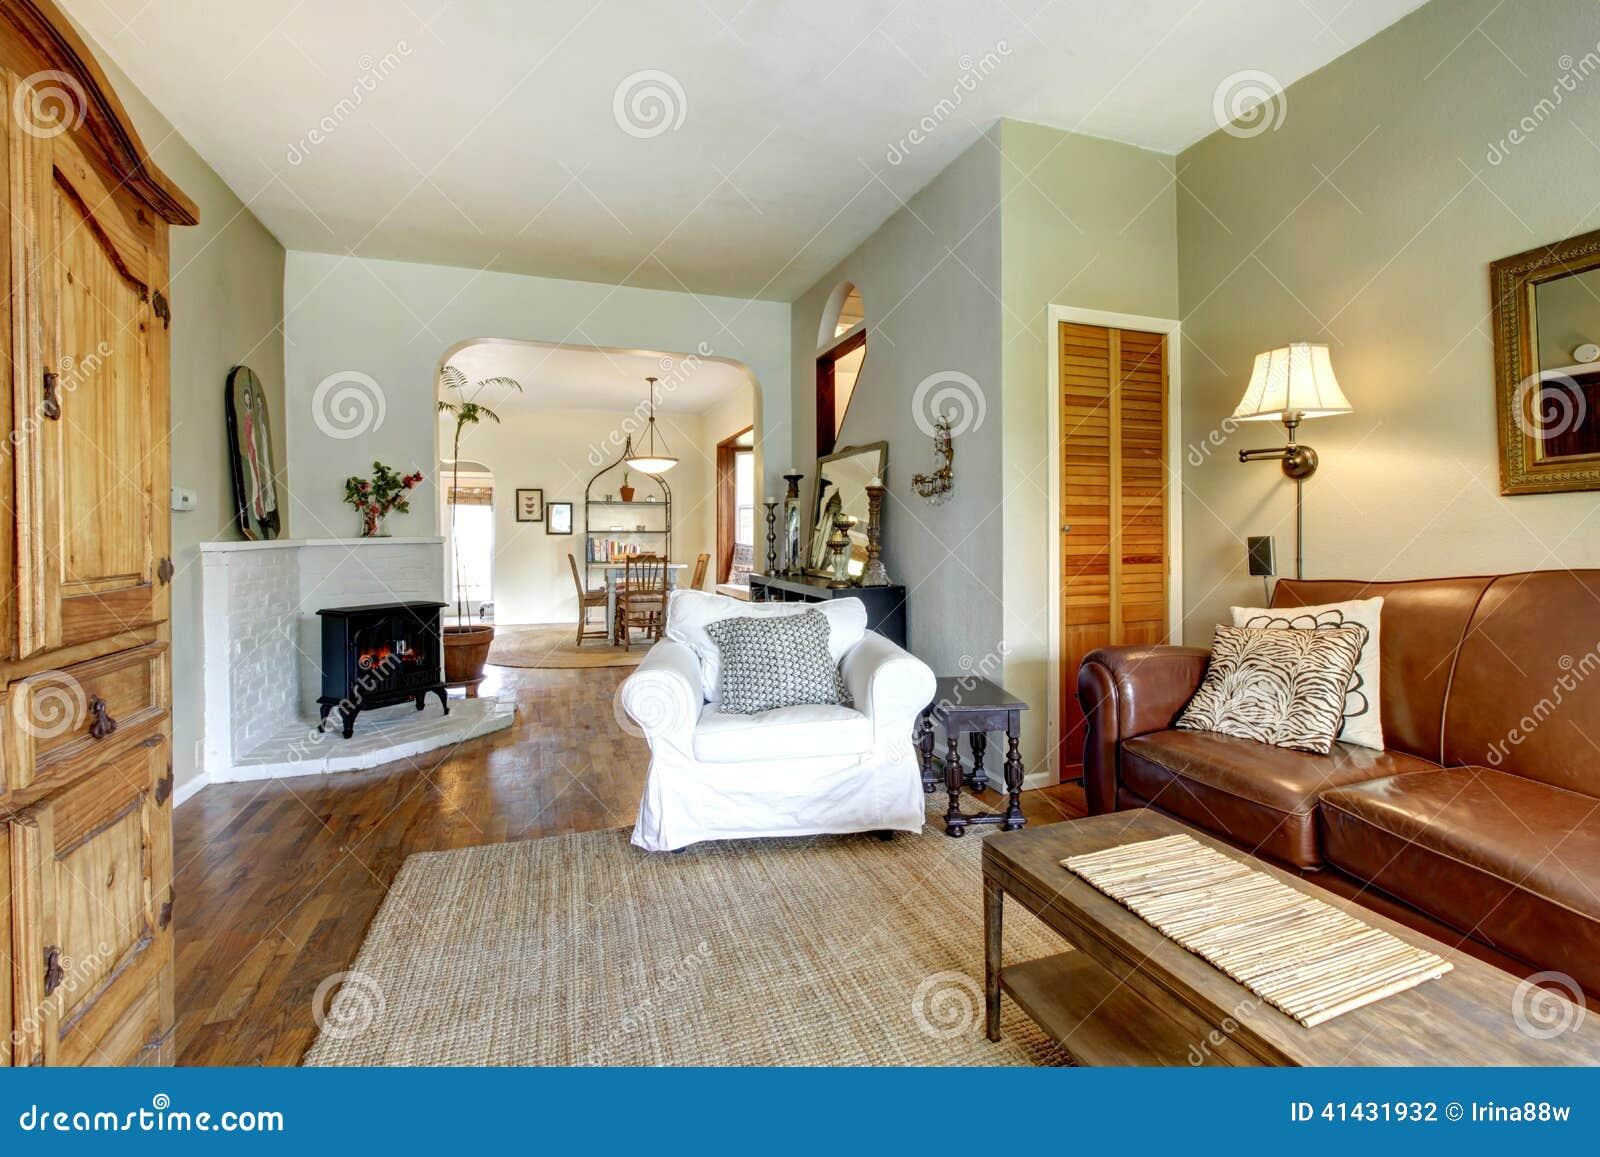 Wohnzimmer Im Alten Haus Mit Antiken Mbeln Stockfoto Bild In Altem Aufpeppen